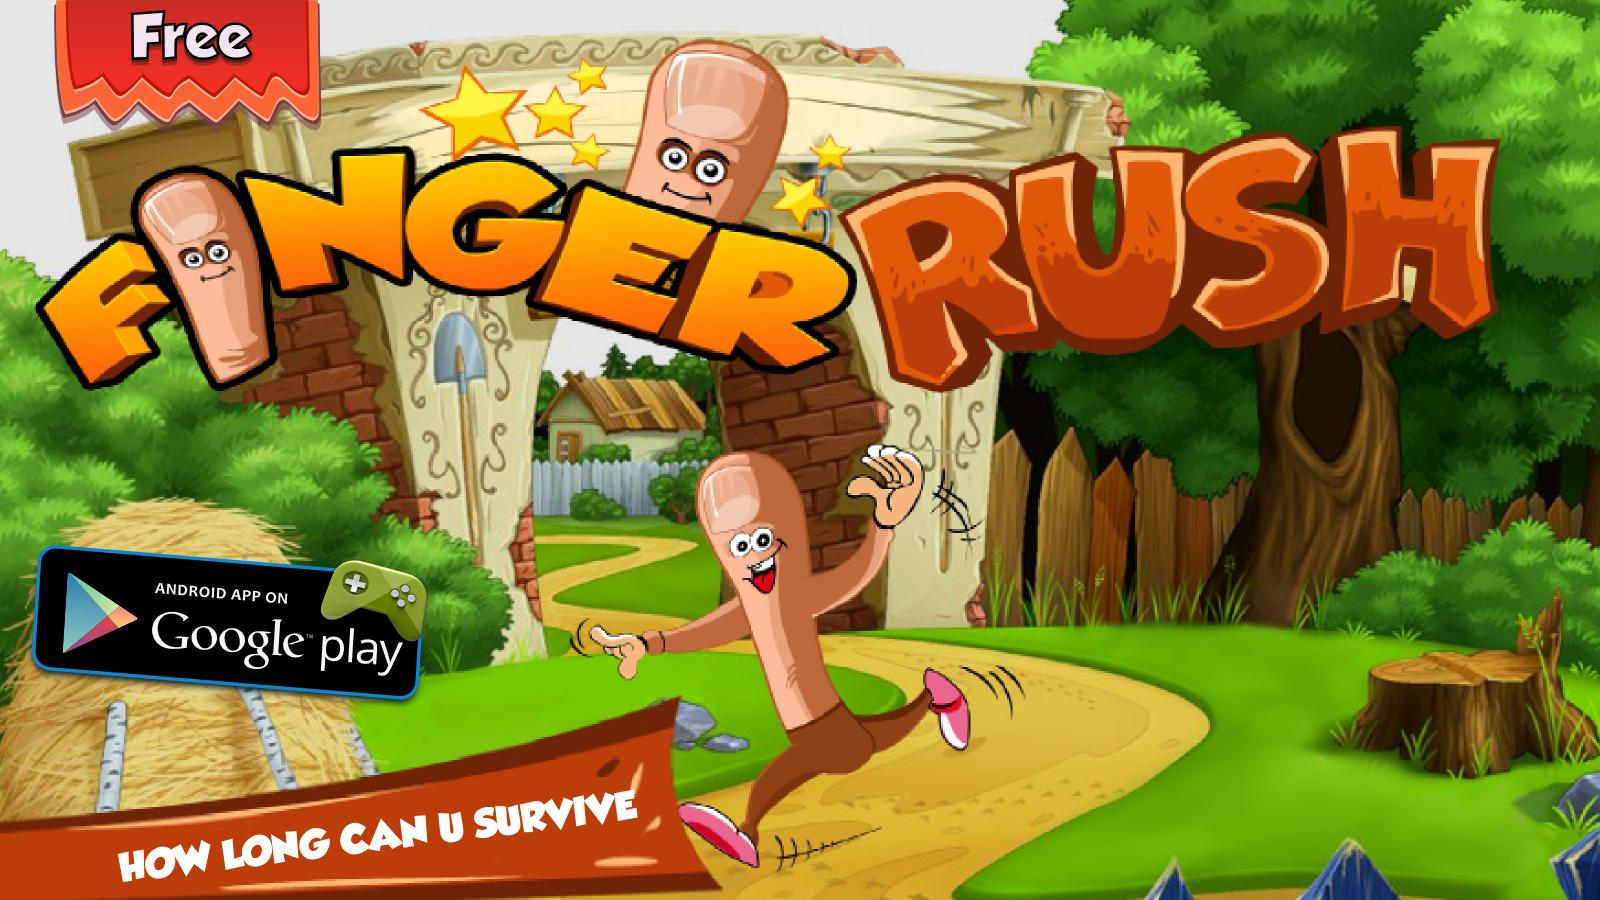 finger rush 1600*900 Mobile design, Android apps, App